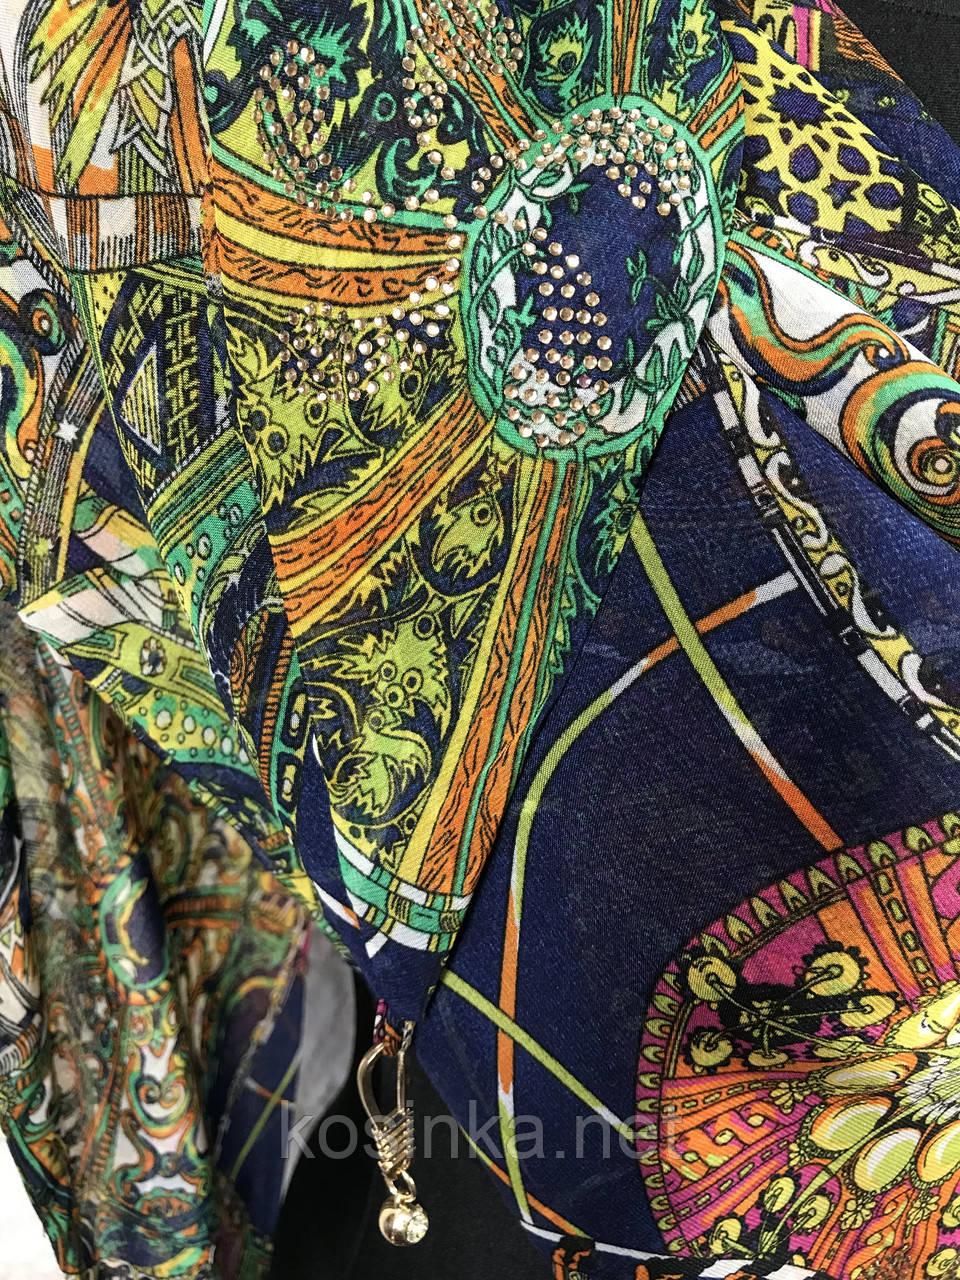 Люксовая шифоновая косынка темно-синего цвета с абстрактным принтом - купить на Kosinka.net